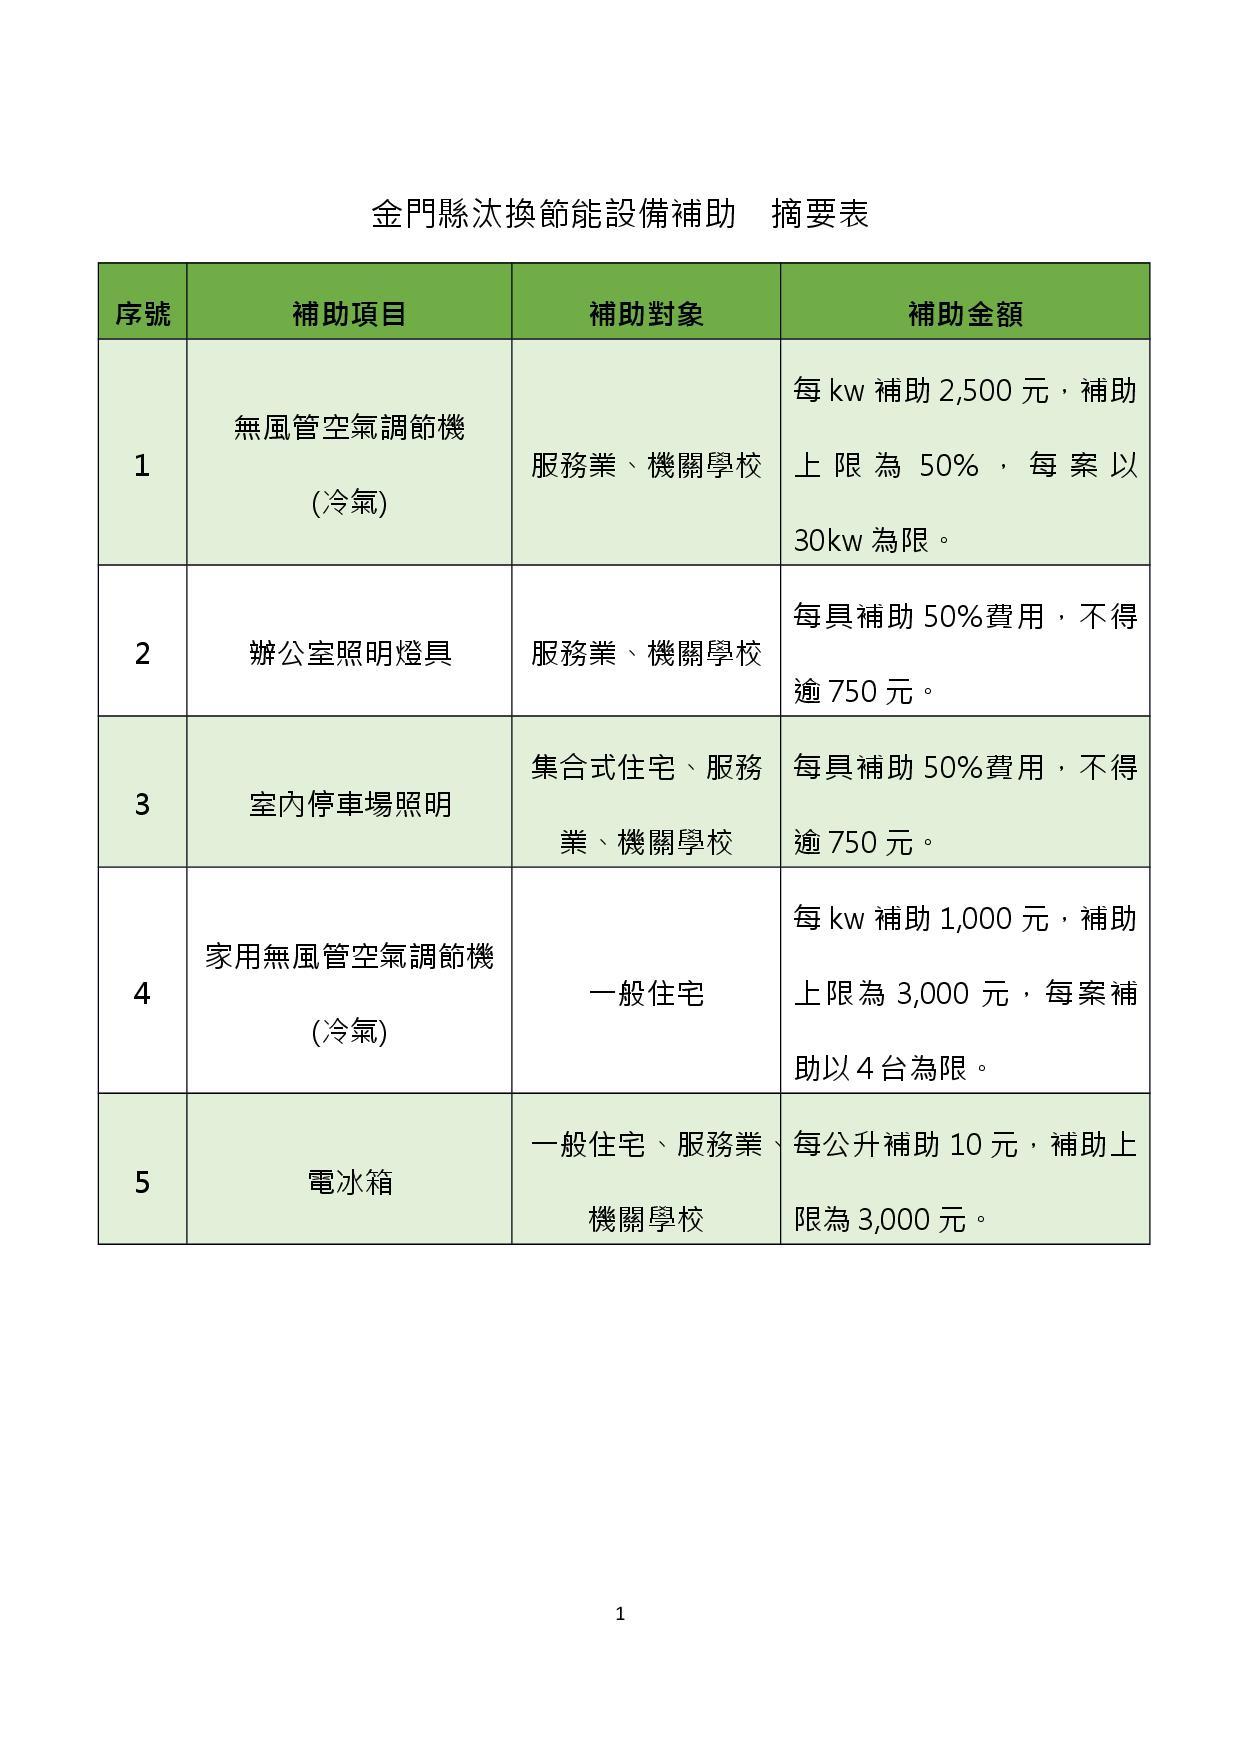 金門縣汰換節能設備補助摘要表